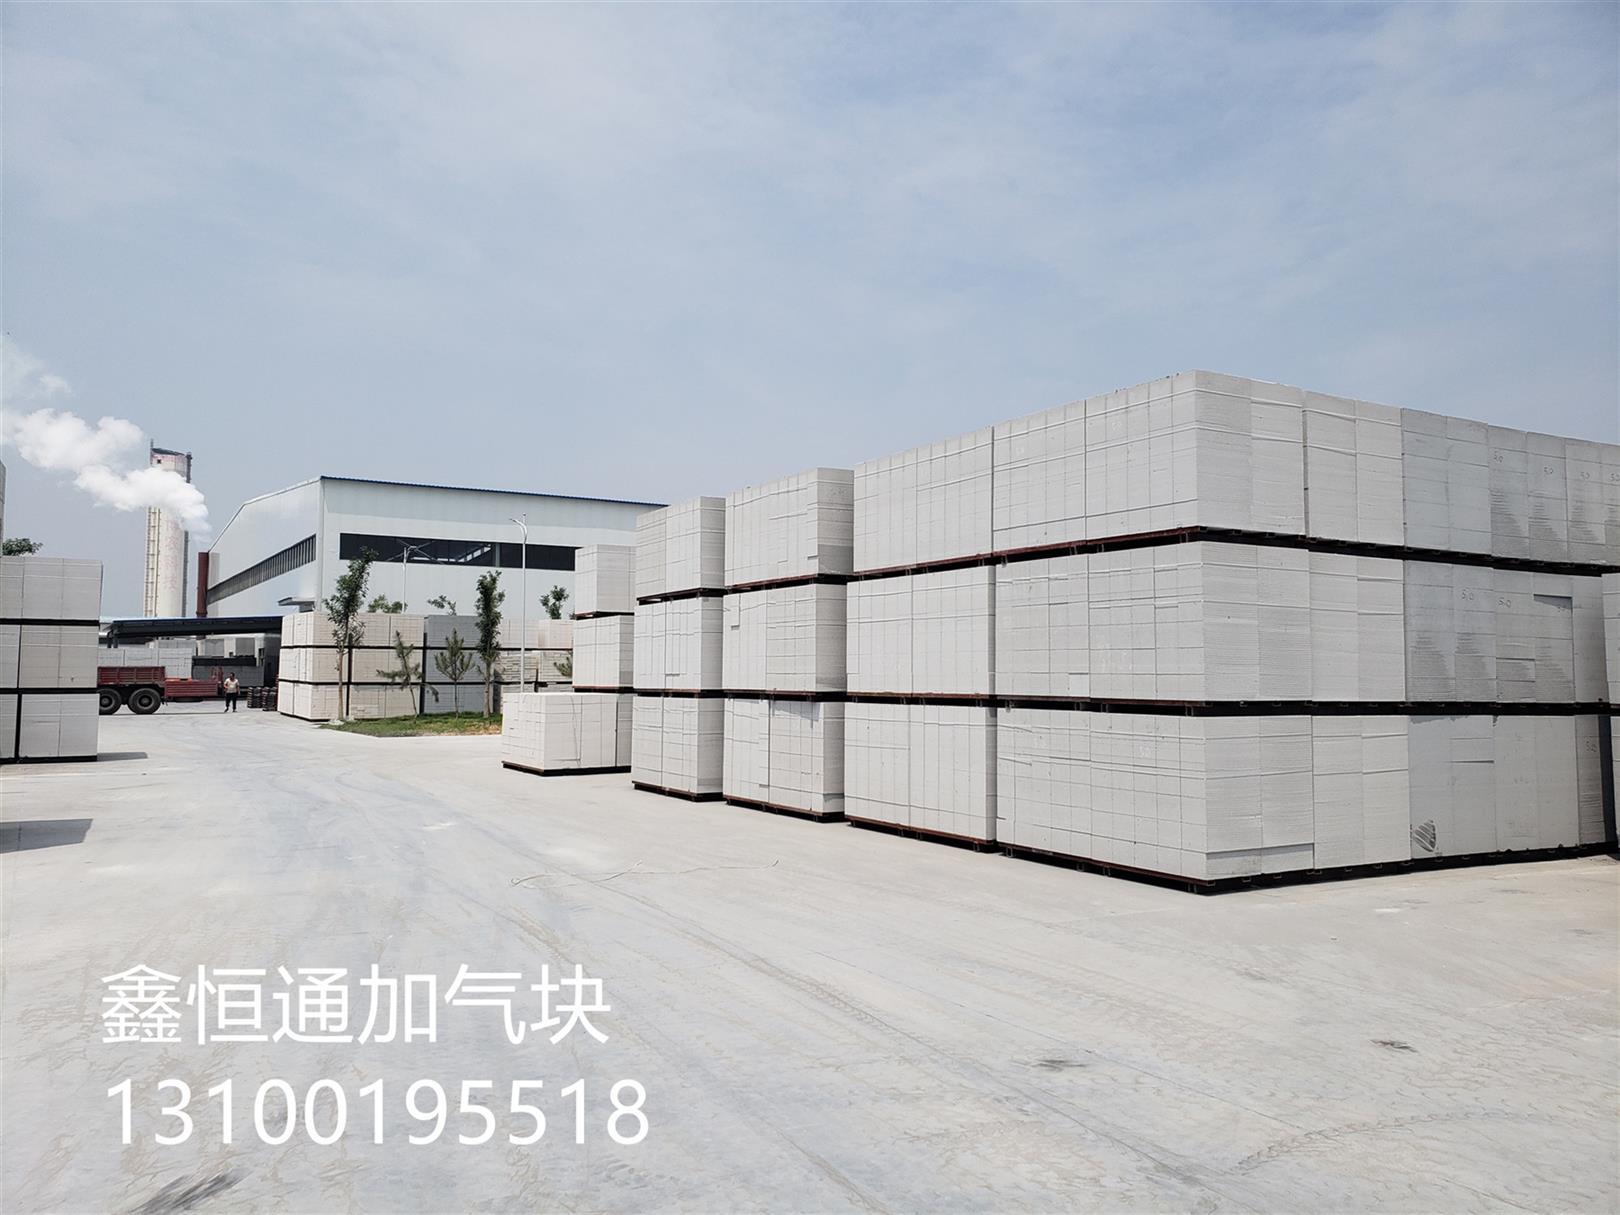 陕西省延安市加气块砖厂西安加气块销售价格西安砂加气块销售分公司